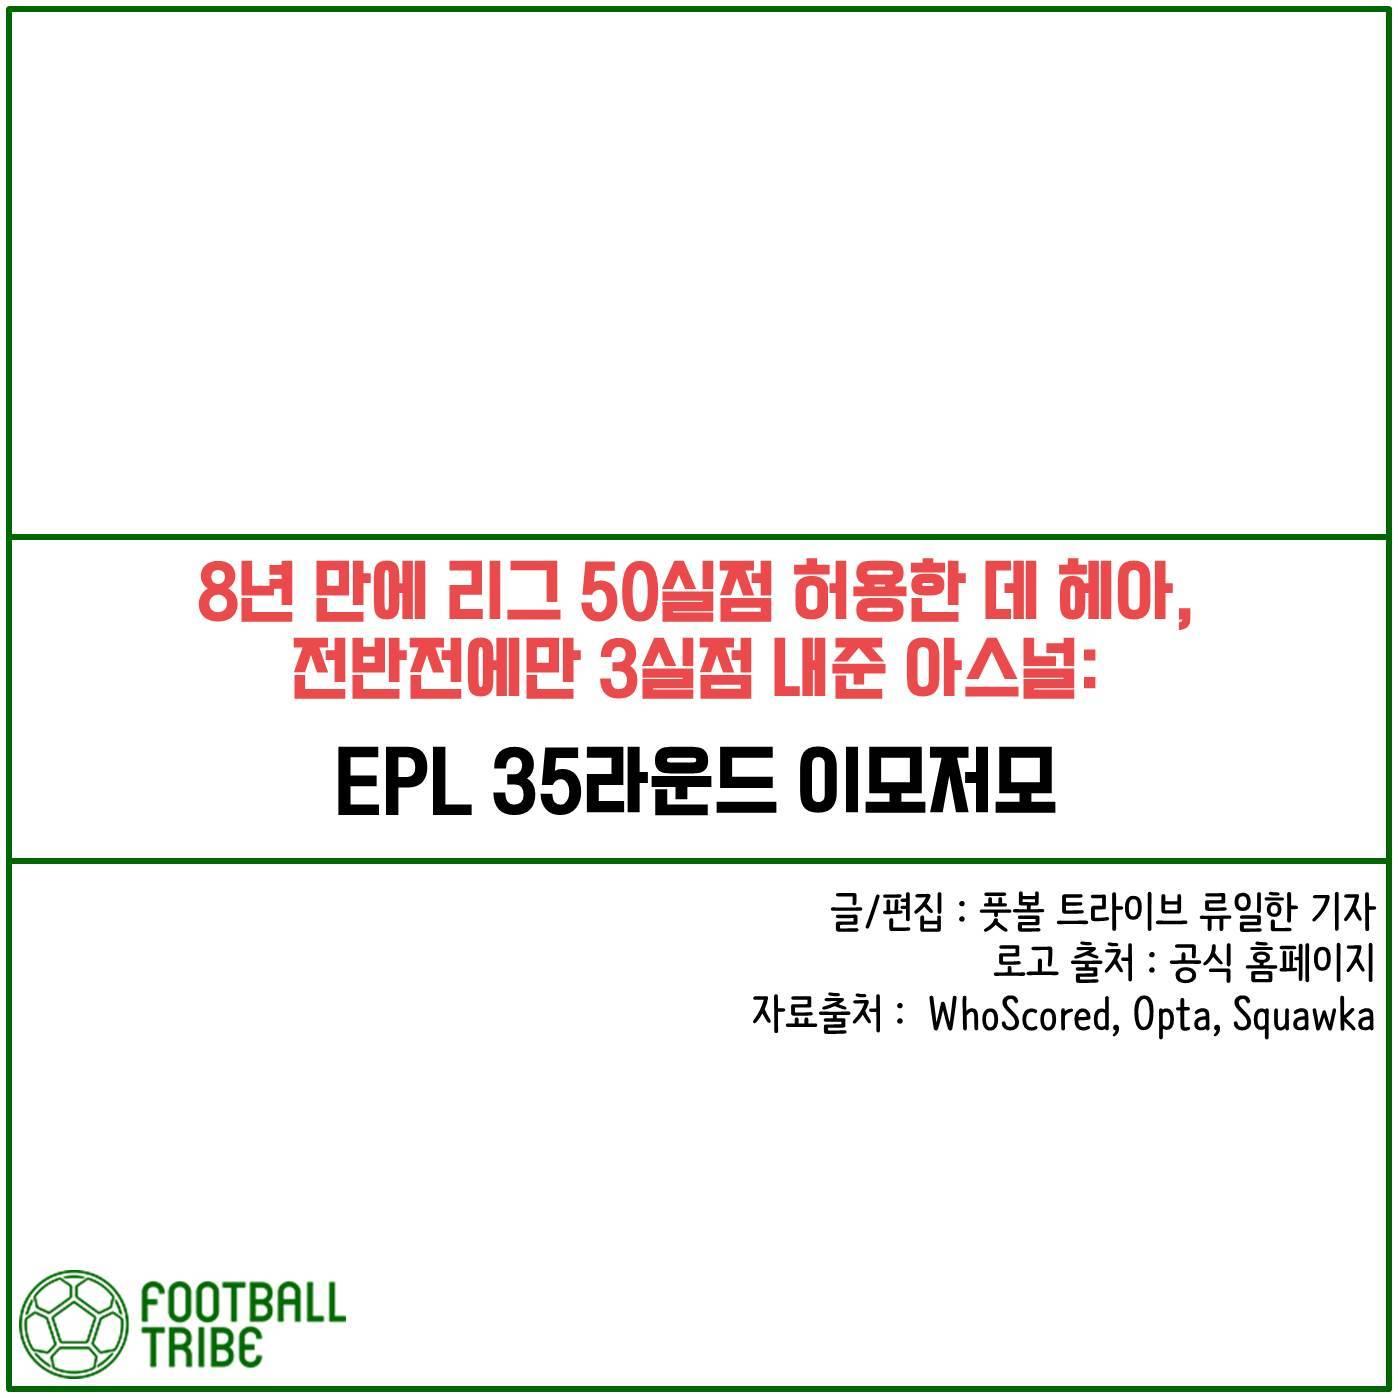 [카드 뉴스] EPL 35라운드 이모저모